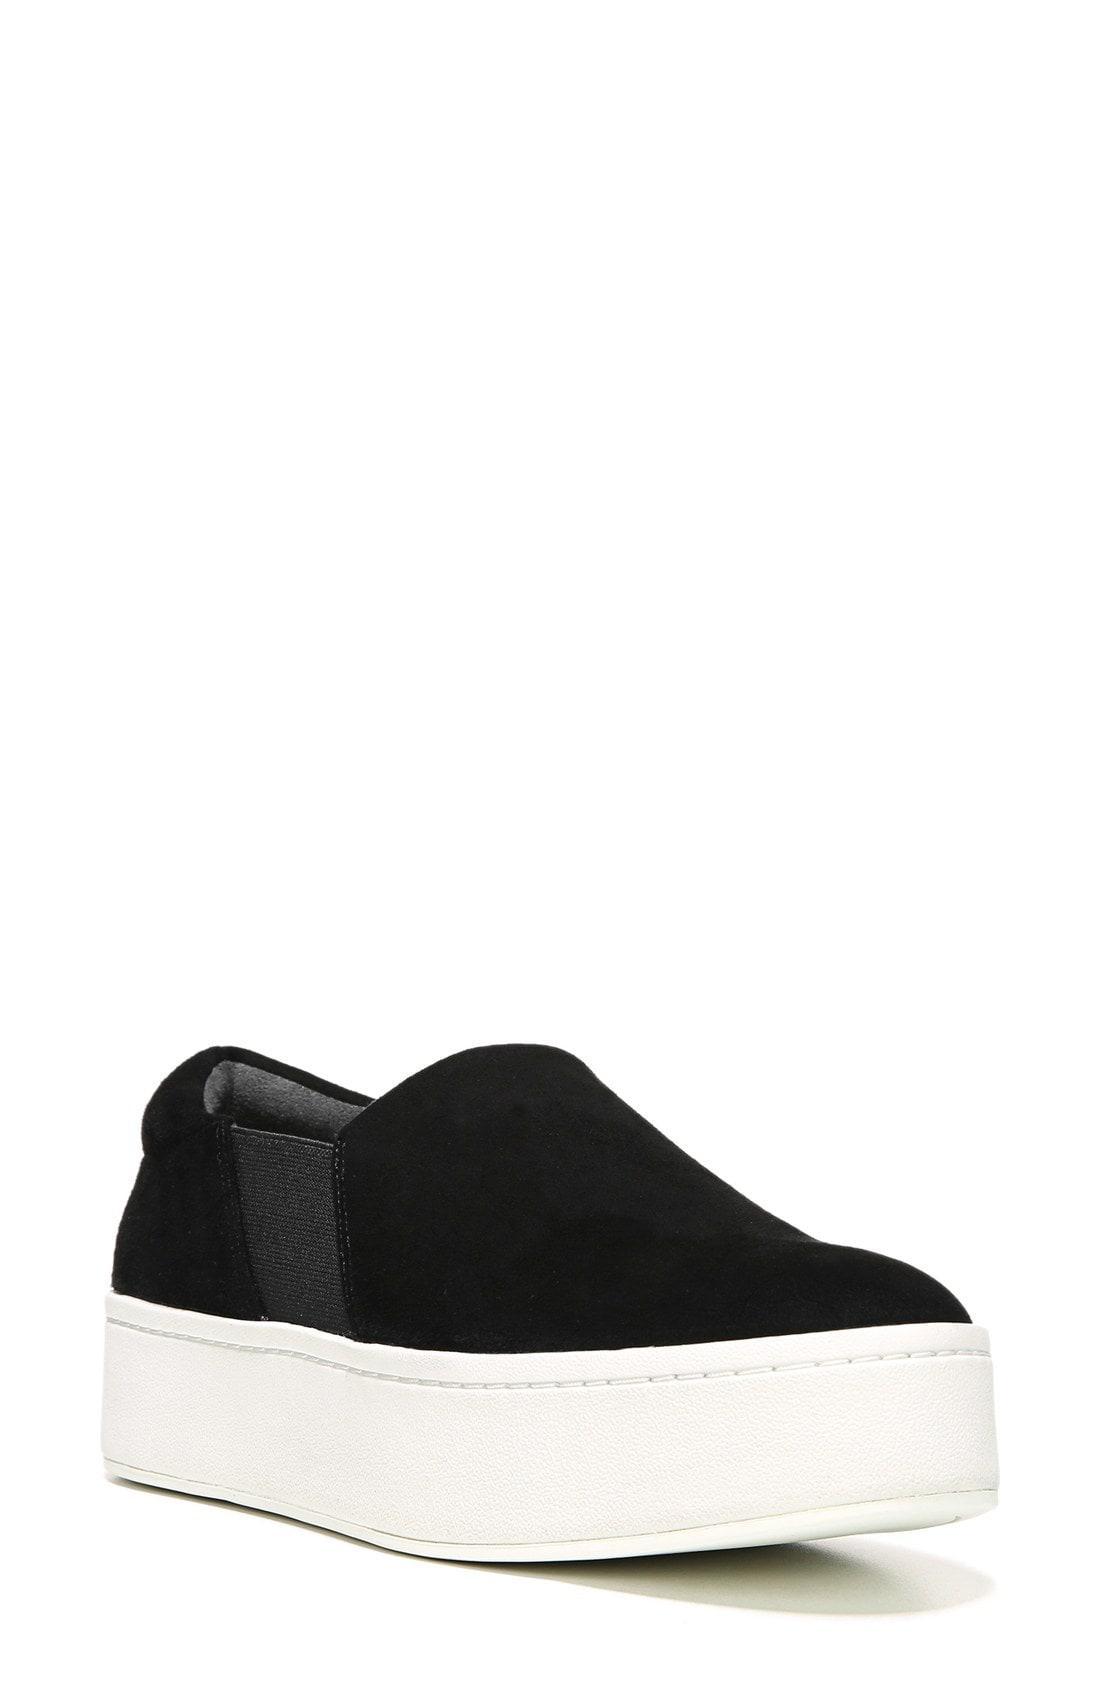 4fcc9c9e61b Lyst - Vince  Warren  Slip-on Sneaker in Black